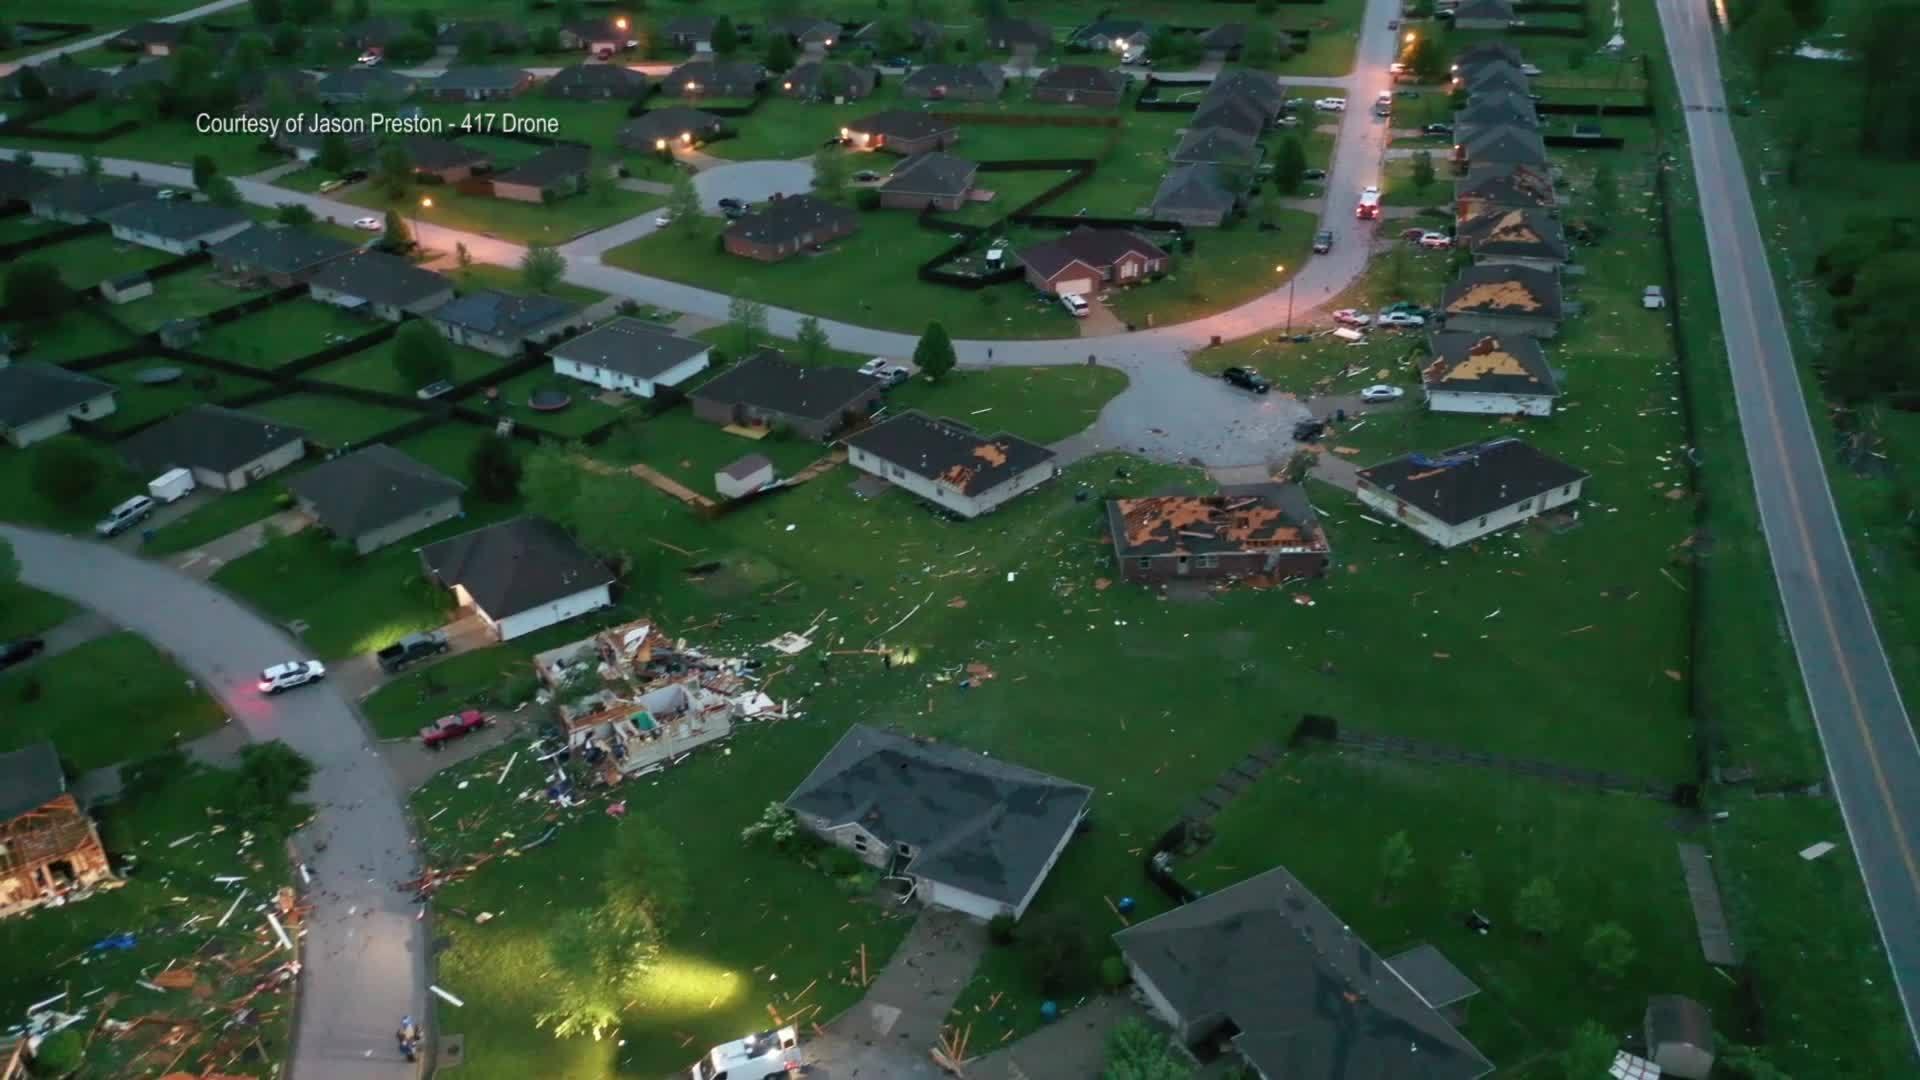 Waterford_Tornado___Aerial_look_at_damag_7_20190501142022